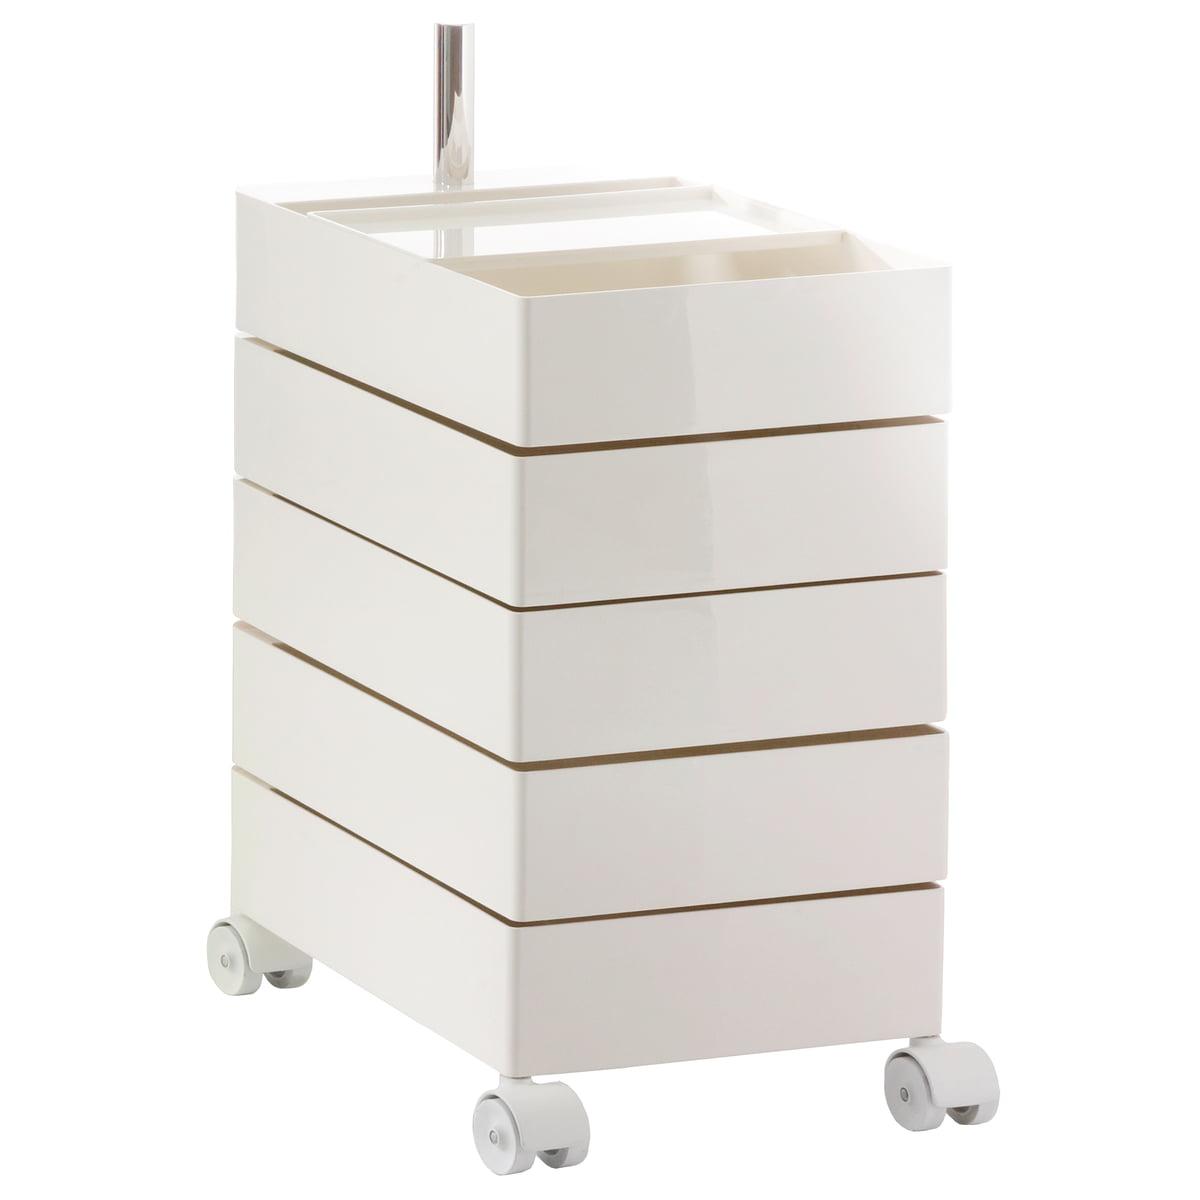 duravit badezimmer rollcontainer gebr. container badezimmer, Badezimmer